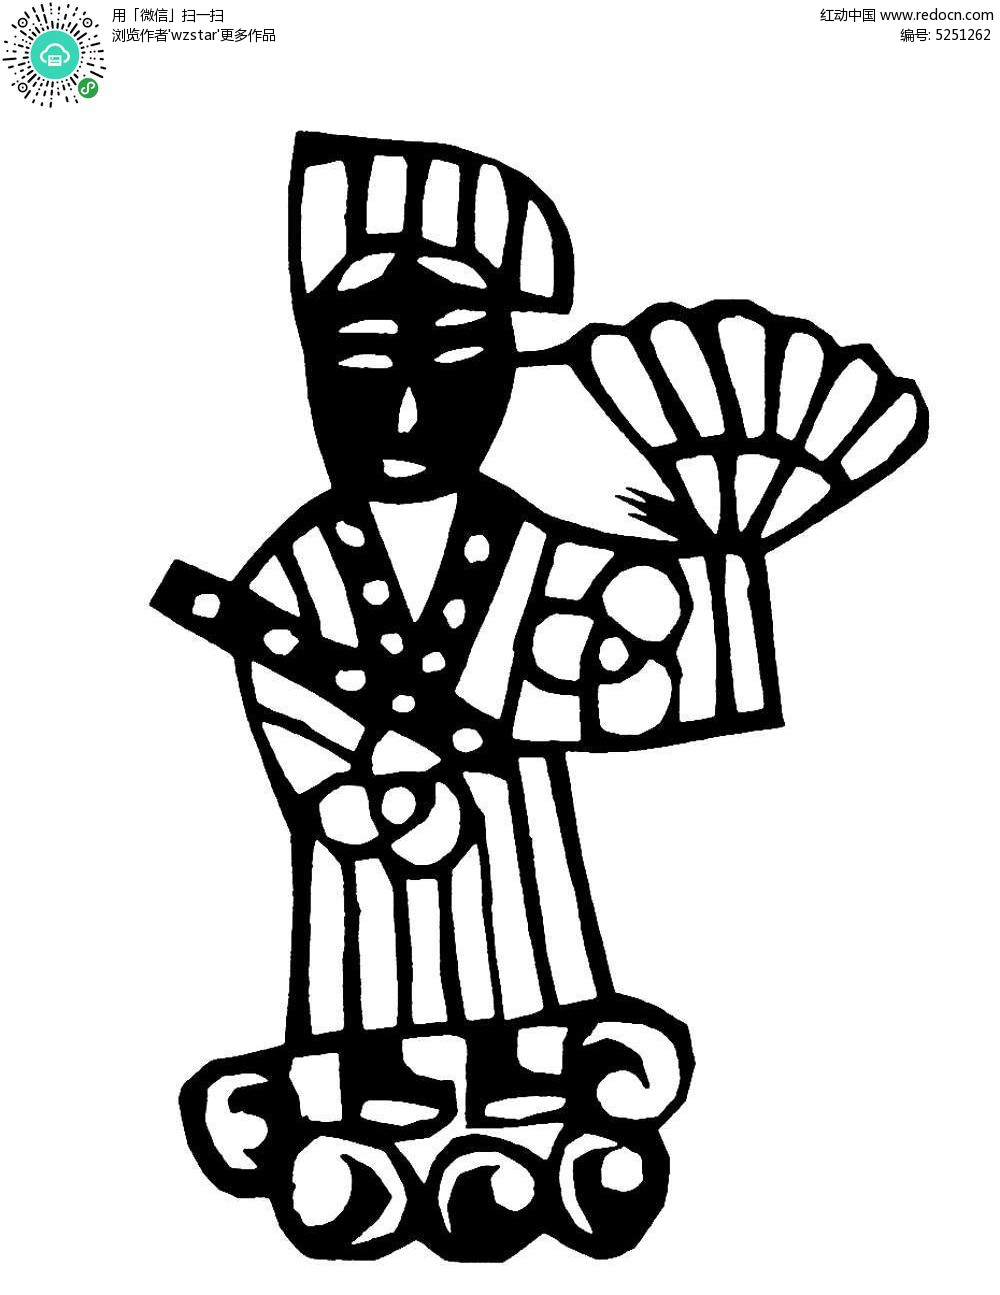 拿着扇子人物剪纸图案AI免费下载 传统工艺品素材